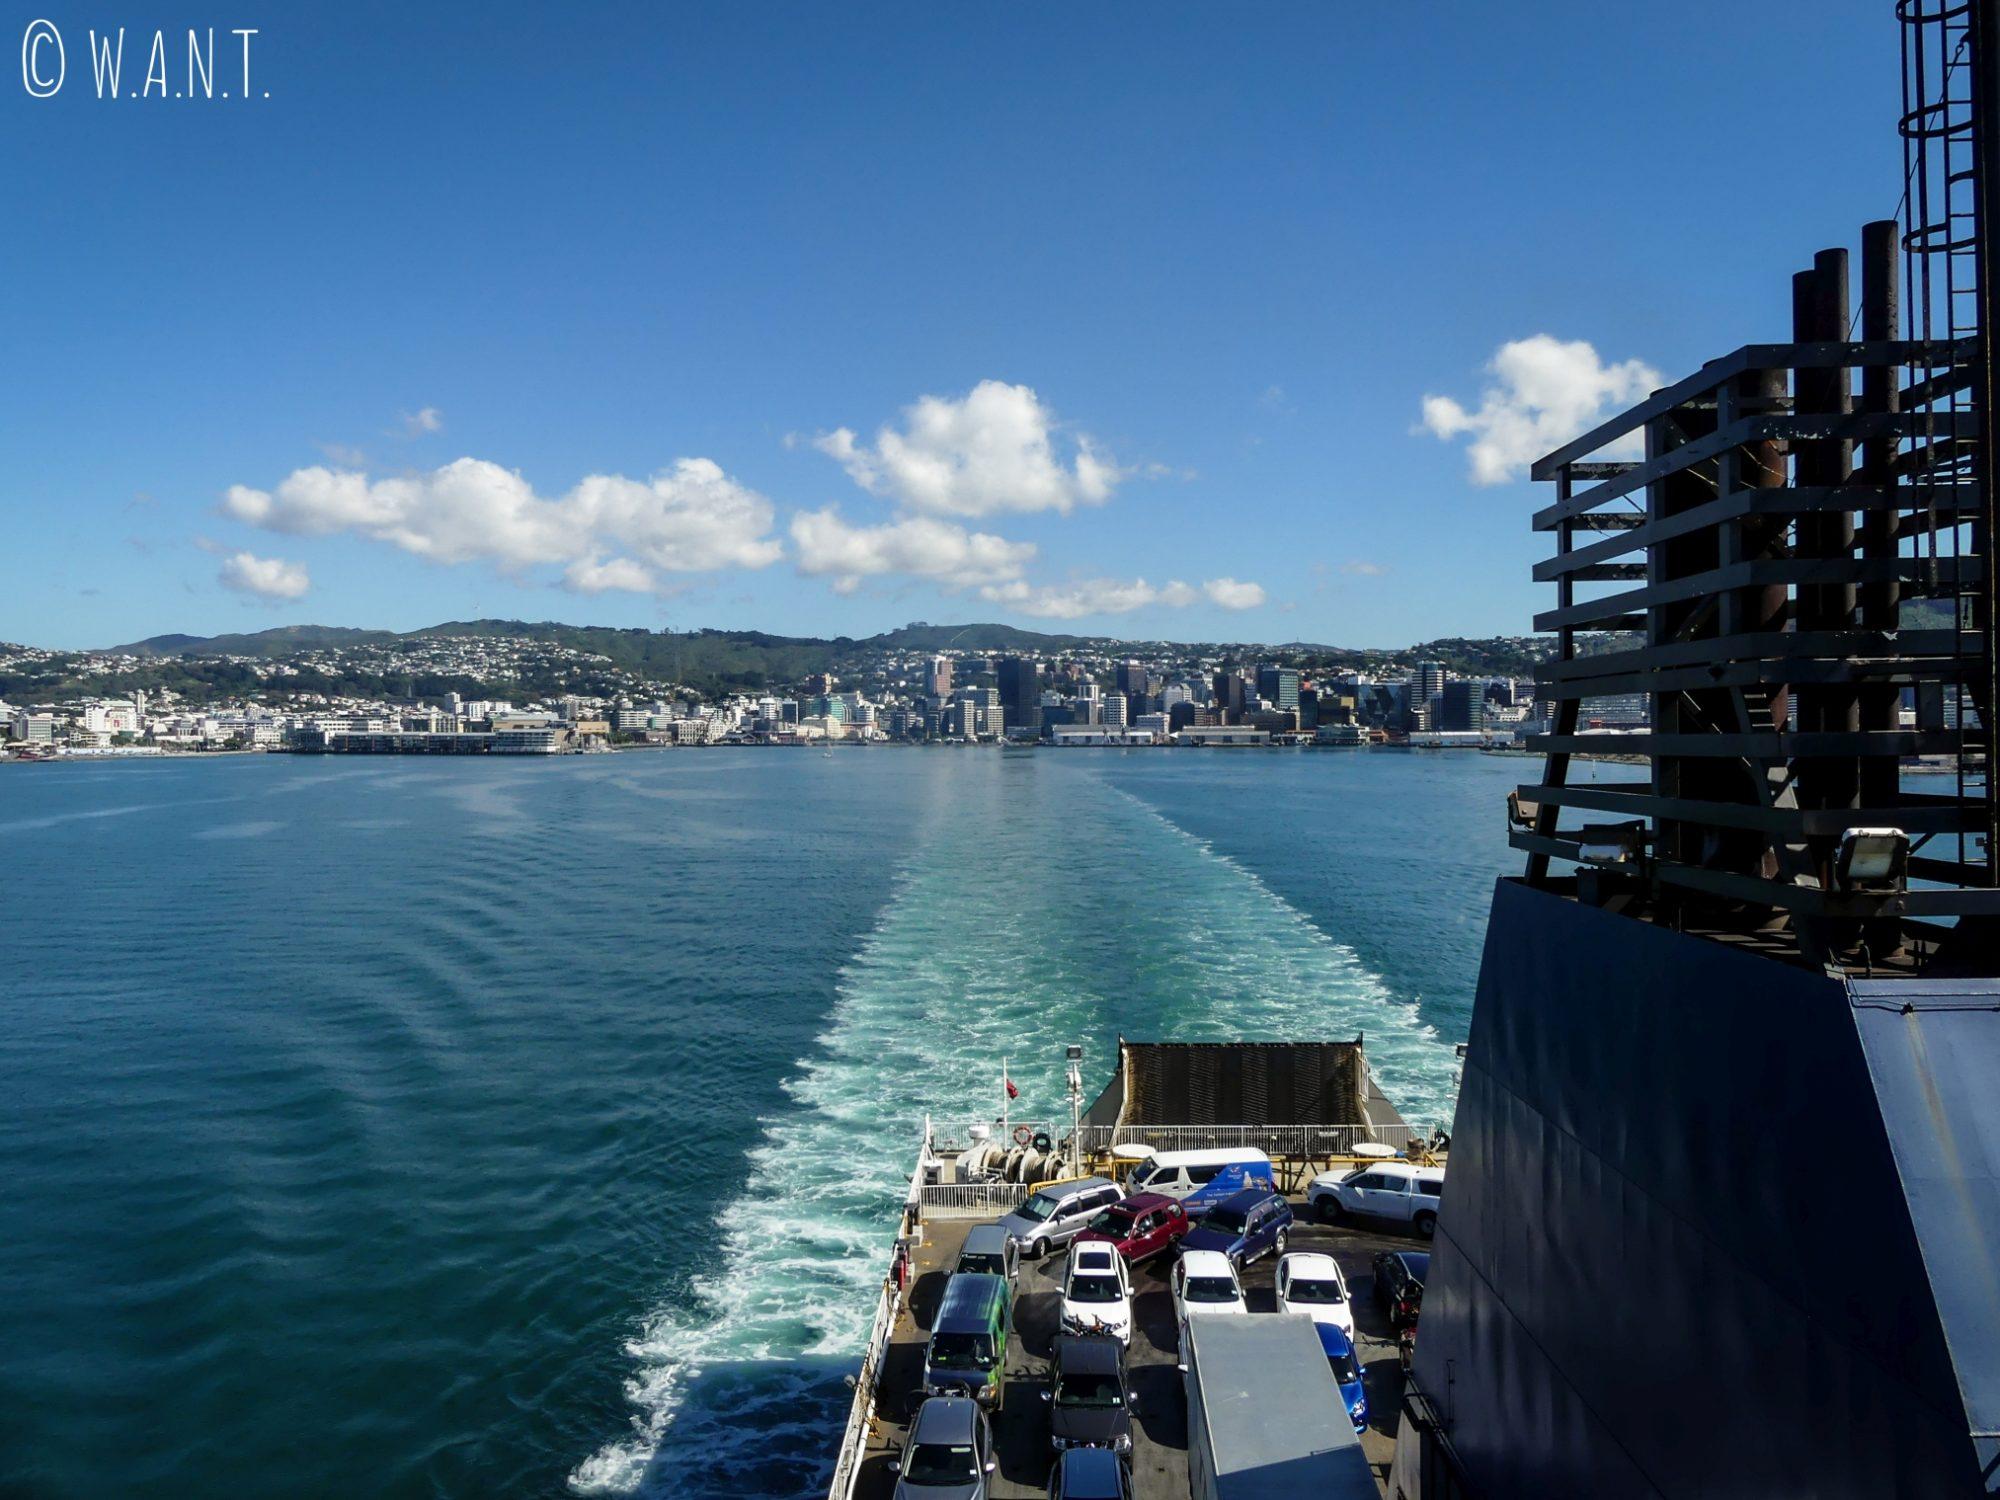 Départ de Wellington pour rejoindre l'île du sud de la Nouvelle-Zélande en ferry